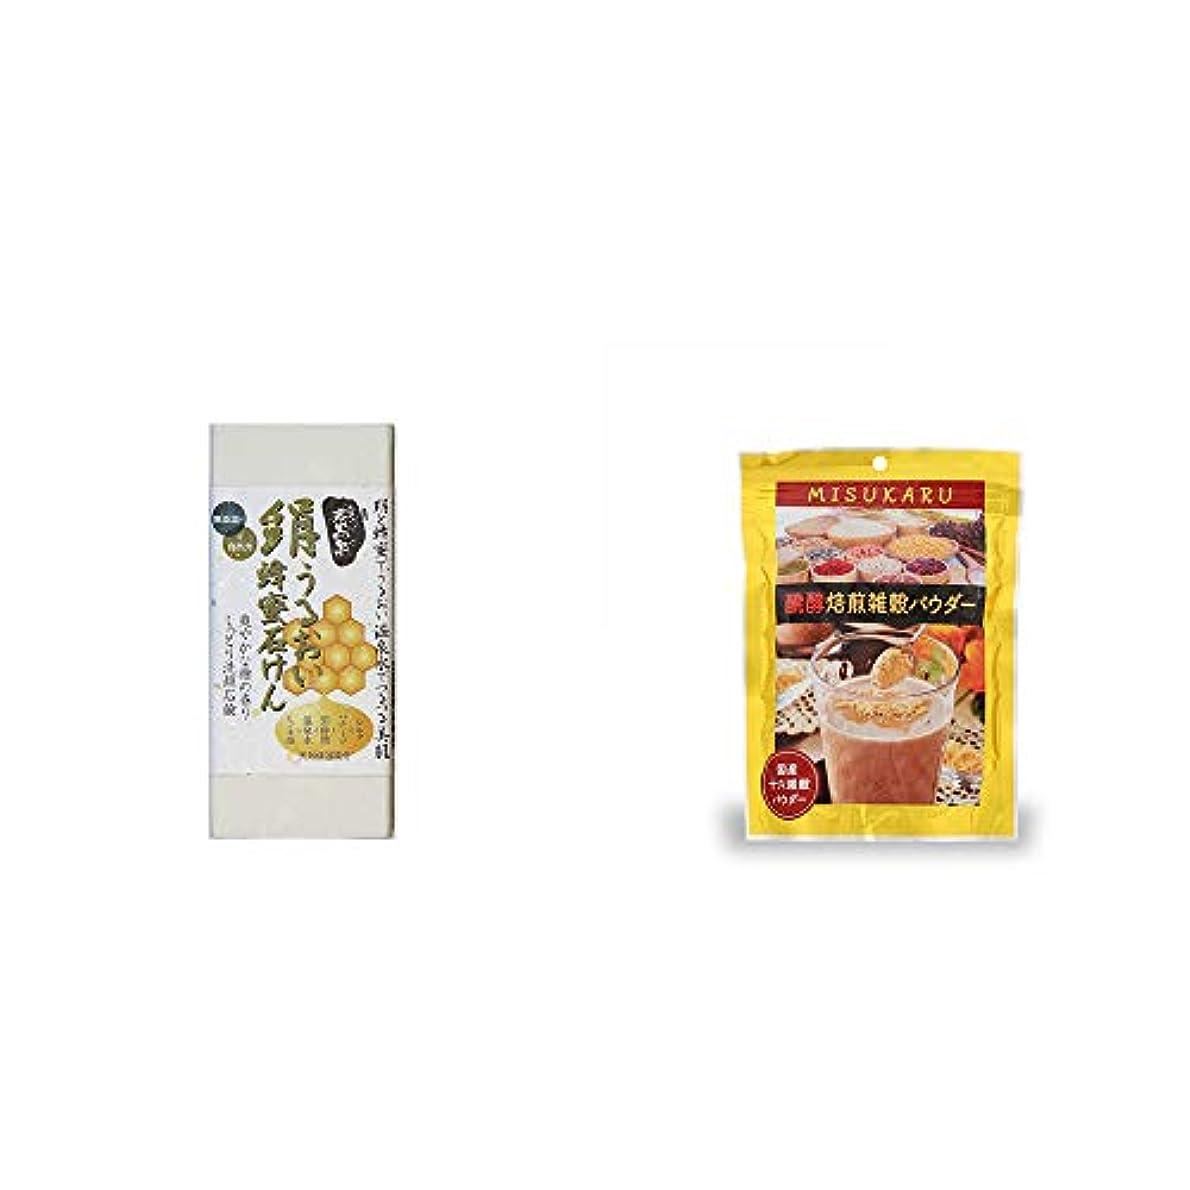 重要歯科医治安判事[2点セット] ひのき炭黒泉 絹うるおい蜂蜜石けん(75g×2)?醗酵焙煎雑穀パウダー MISUKARU(ミスカル)(200g)